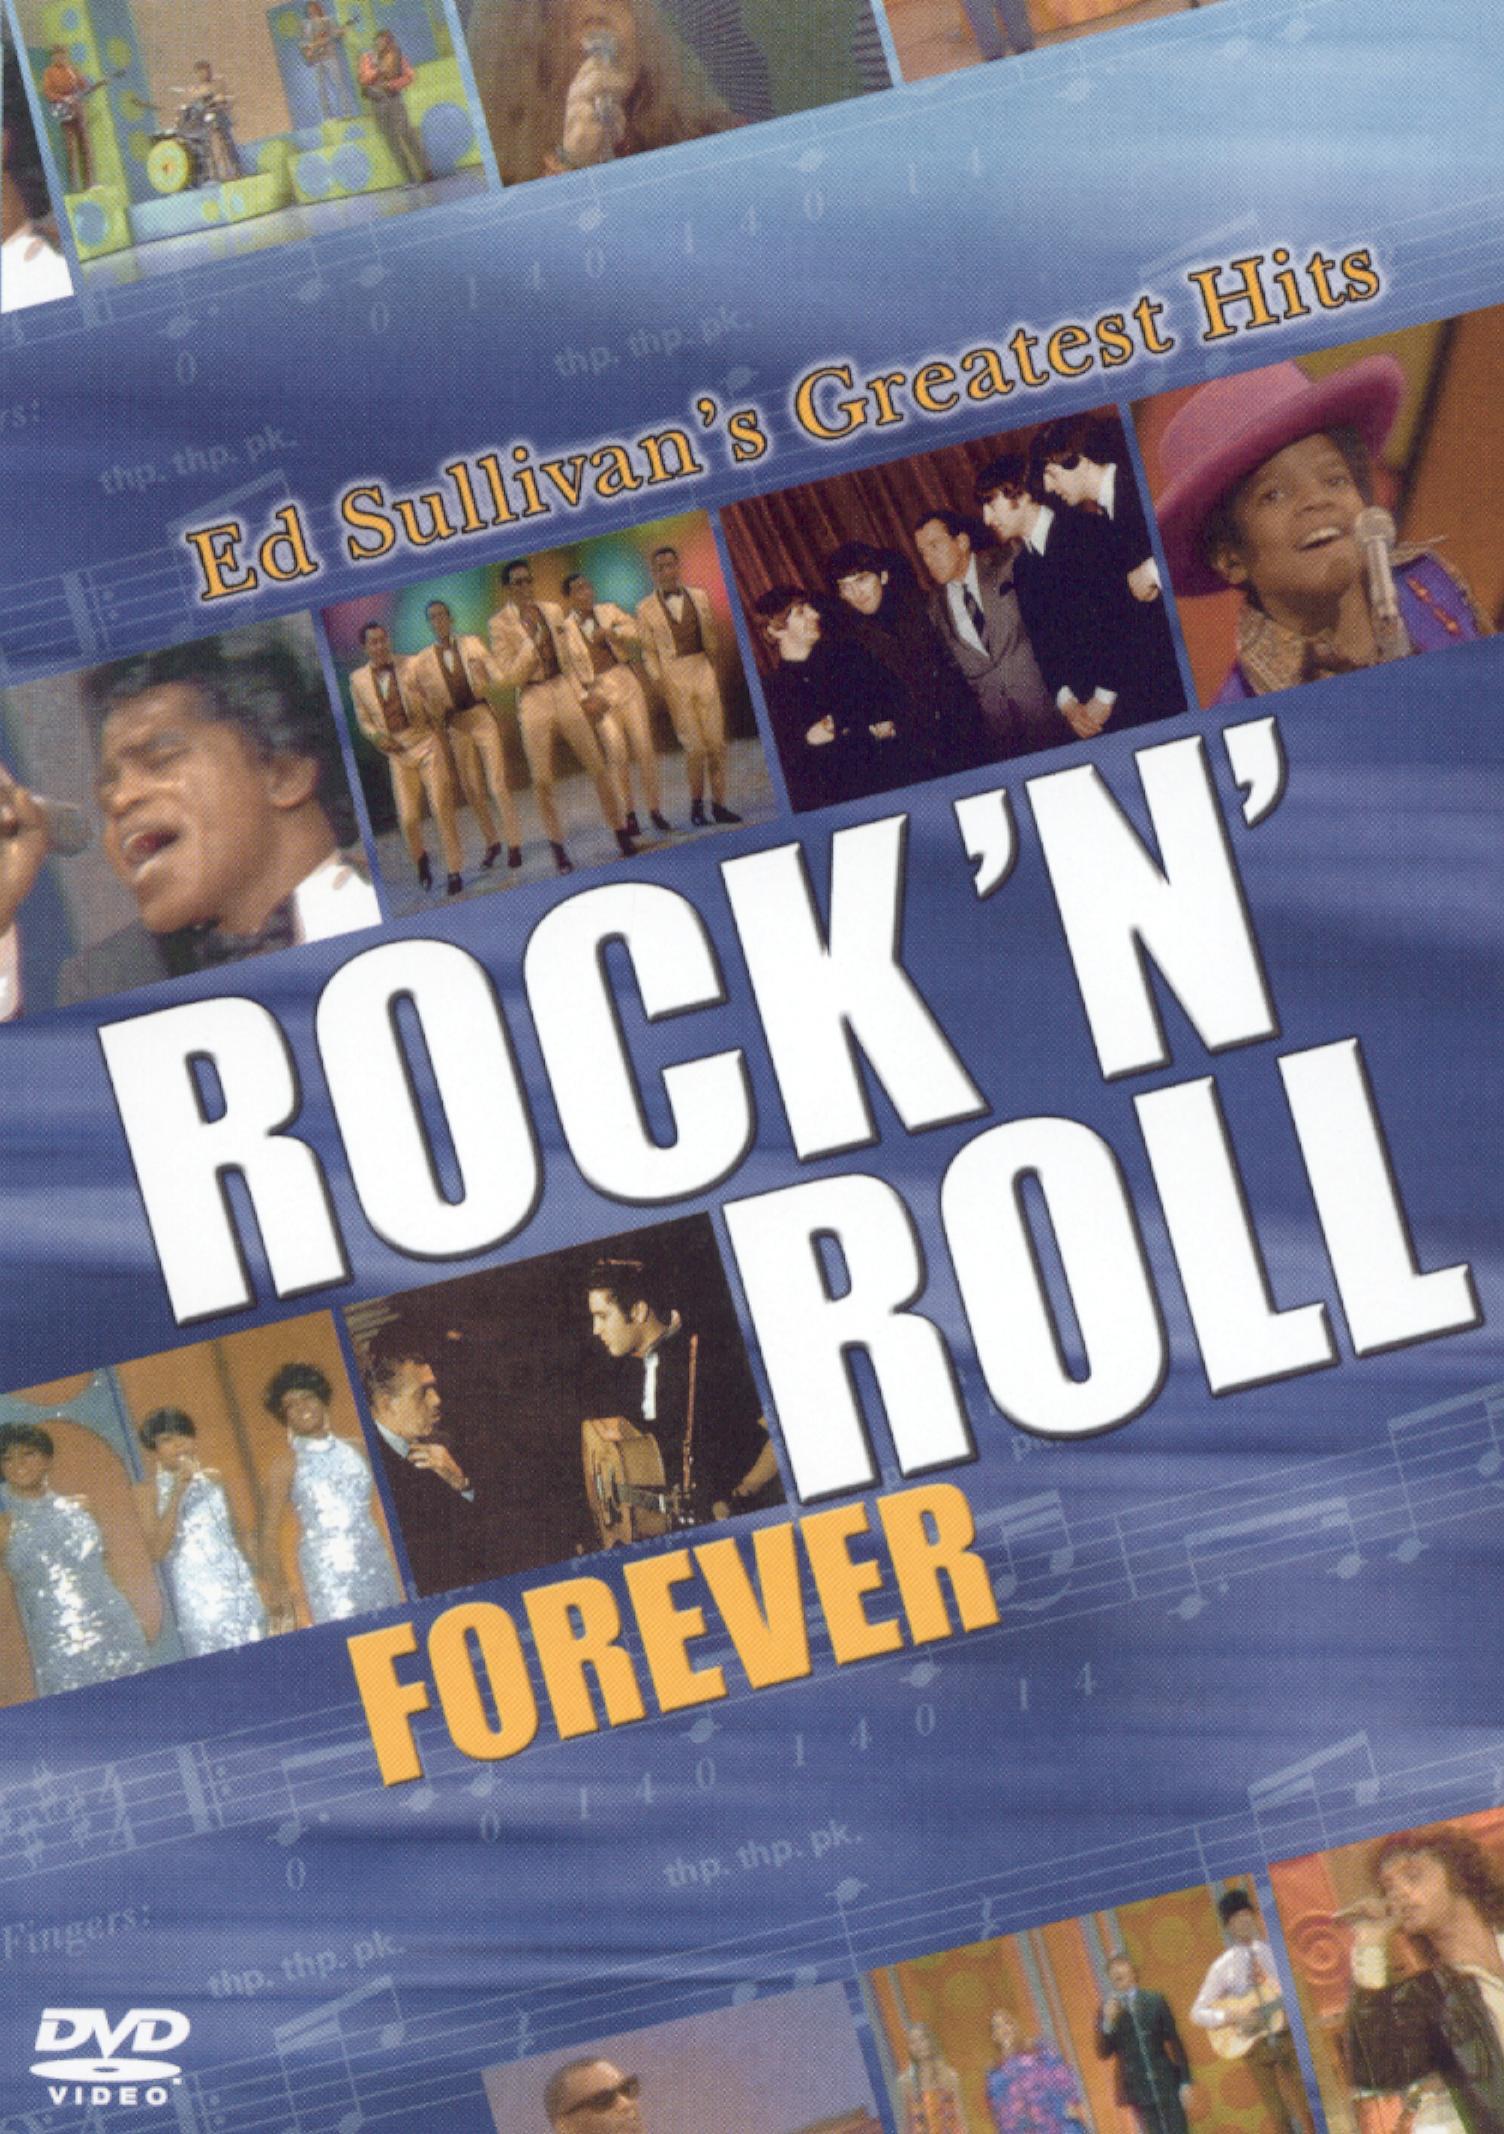 Rock 'n' Roll Forever: Ed Sullivan's Greatest Hits